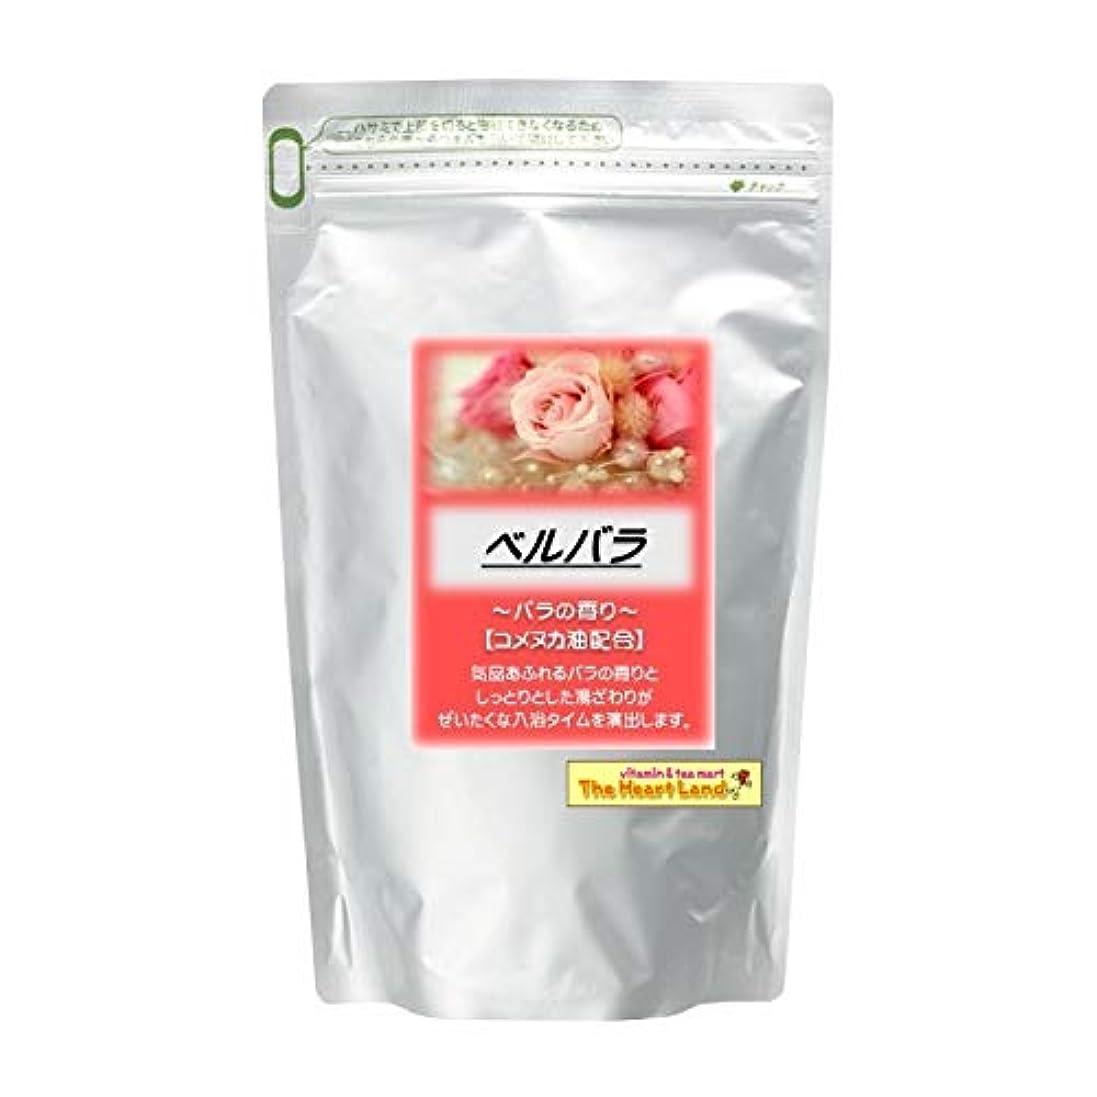 飢え梨明らかにアサヒ入浴剤 浴用入浴化粧品 ベルバラ 300g